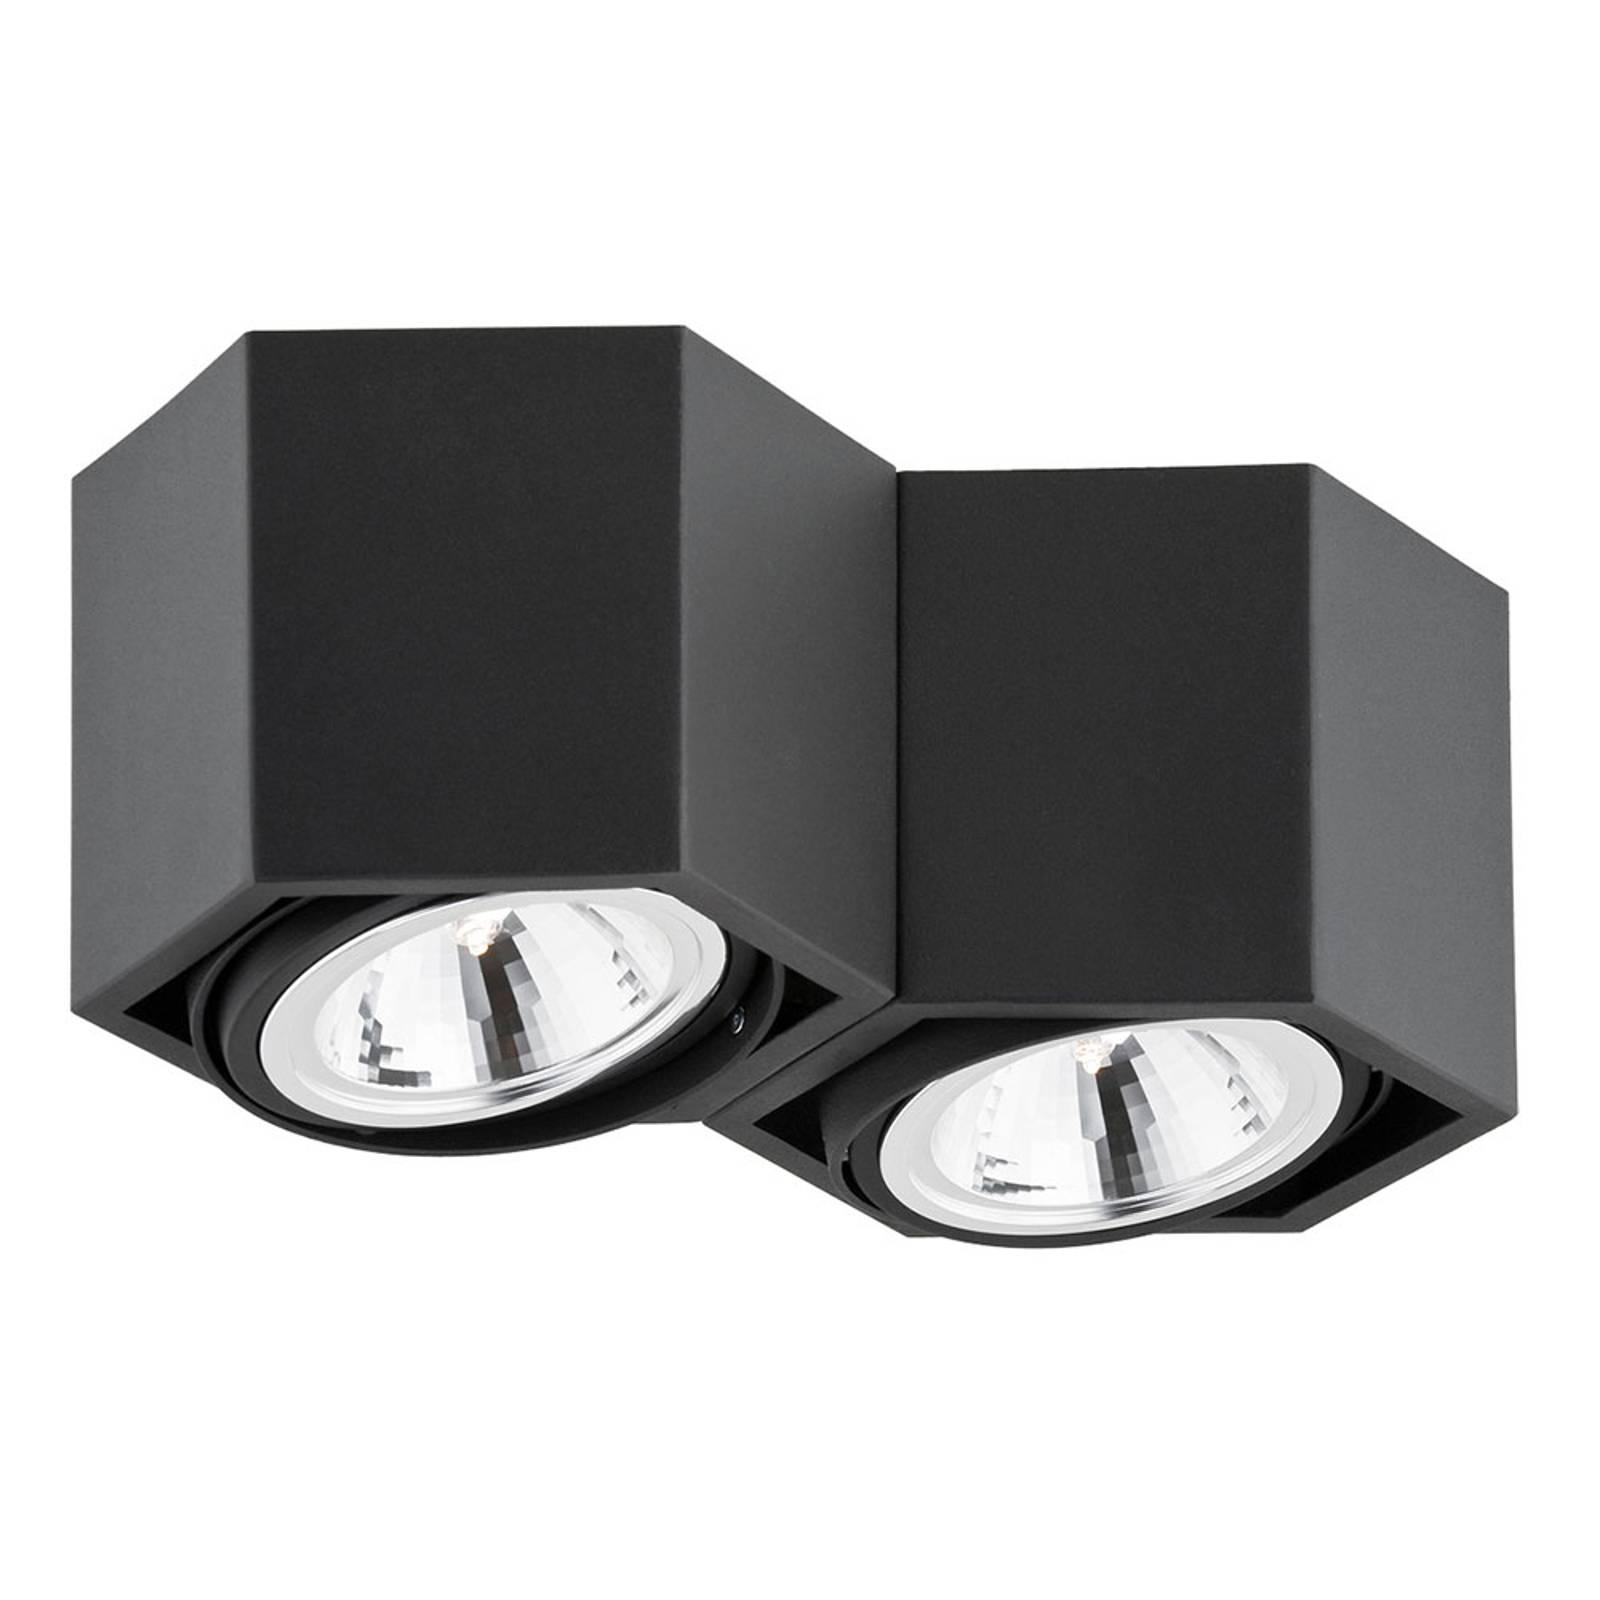 Kattovalaisin Elvas, kääntyvä, 2-lamppuinen, musta